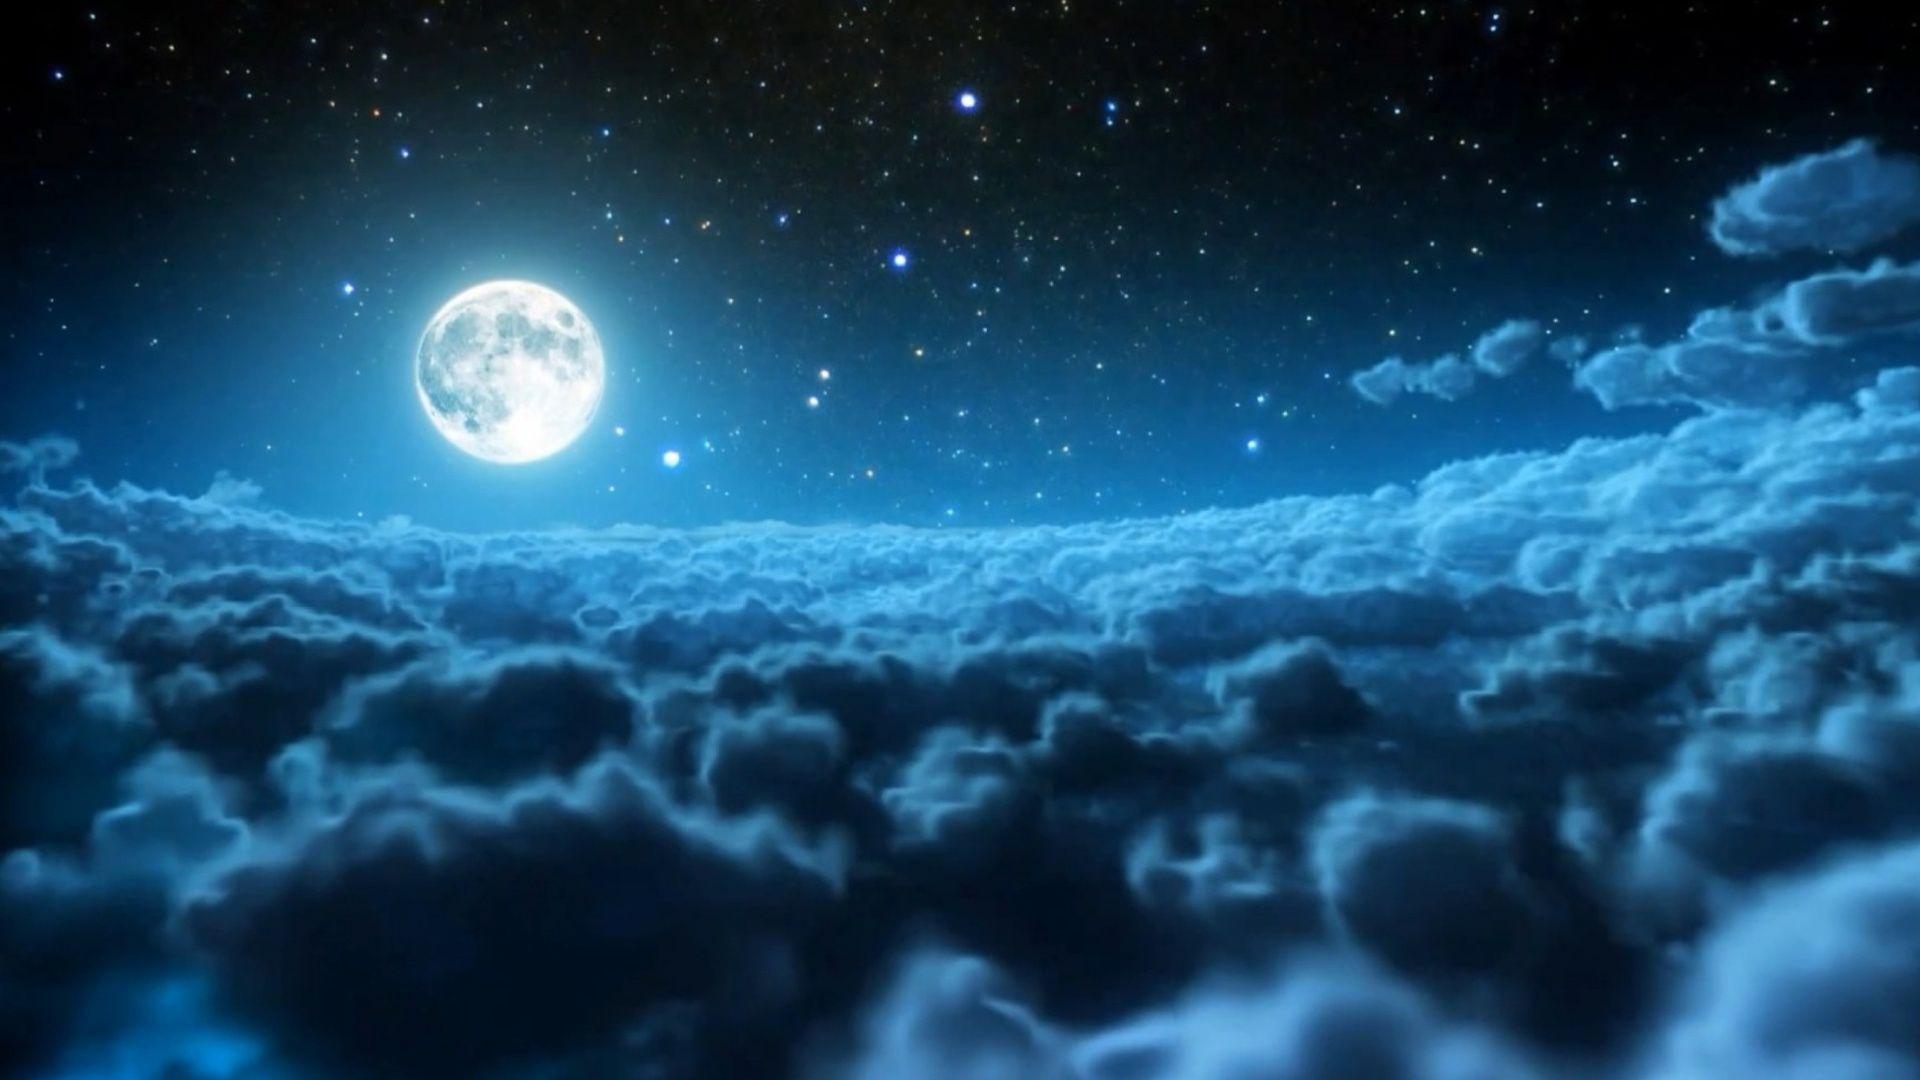 Moon beautiful wallpaper